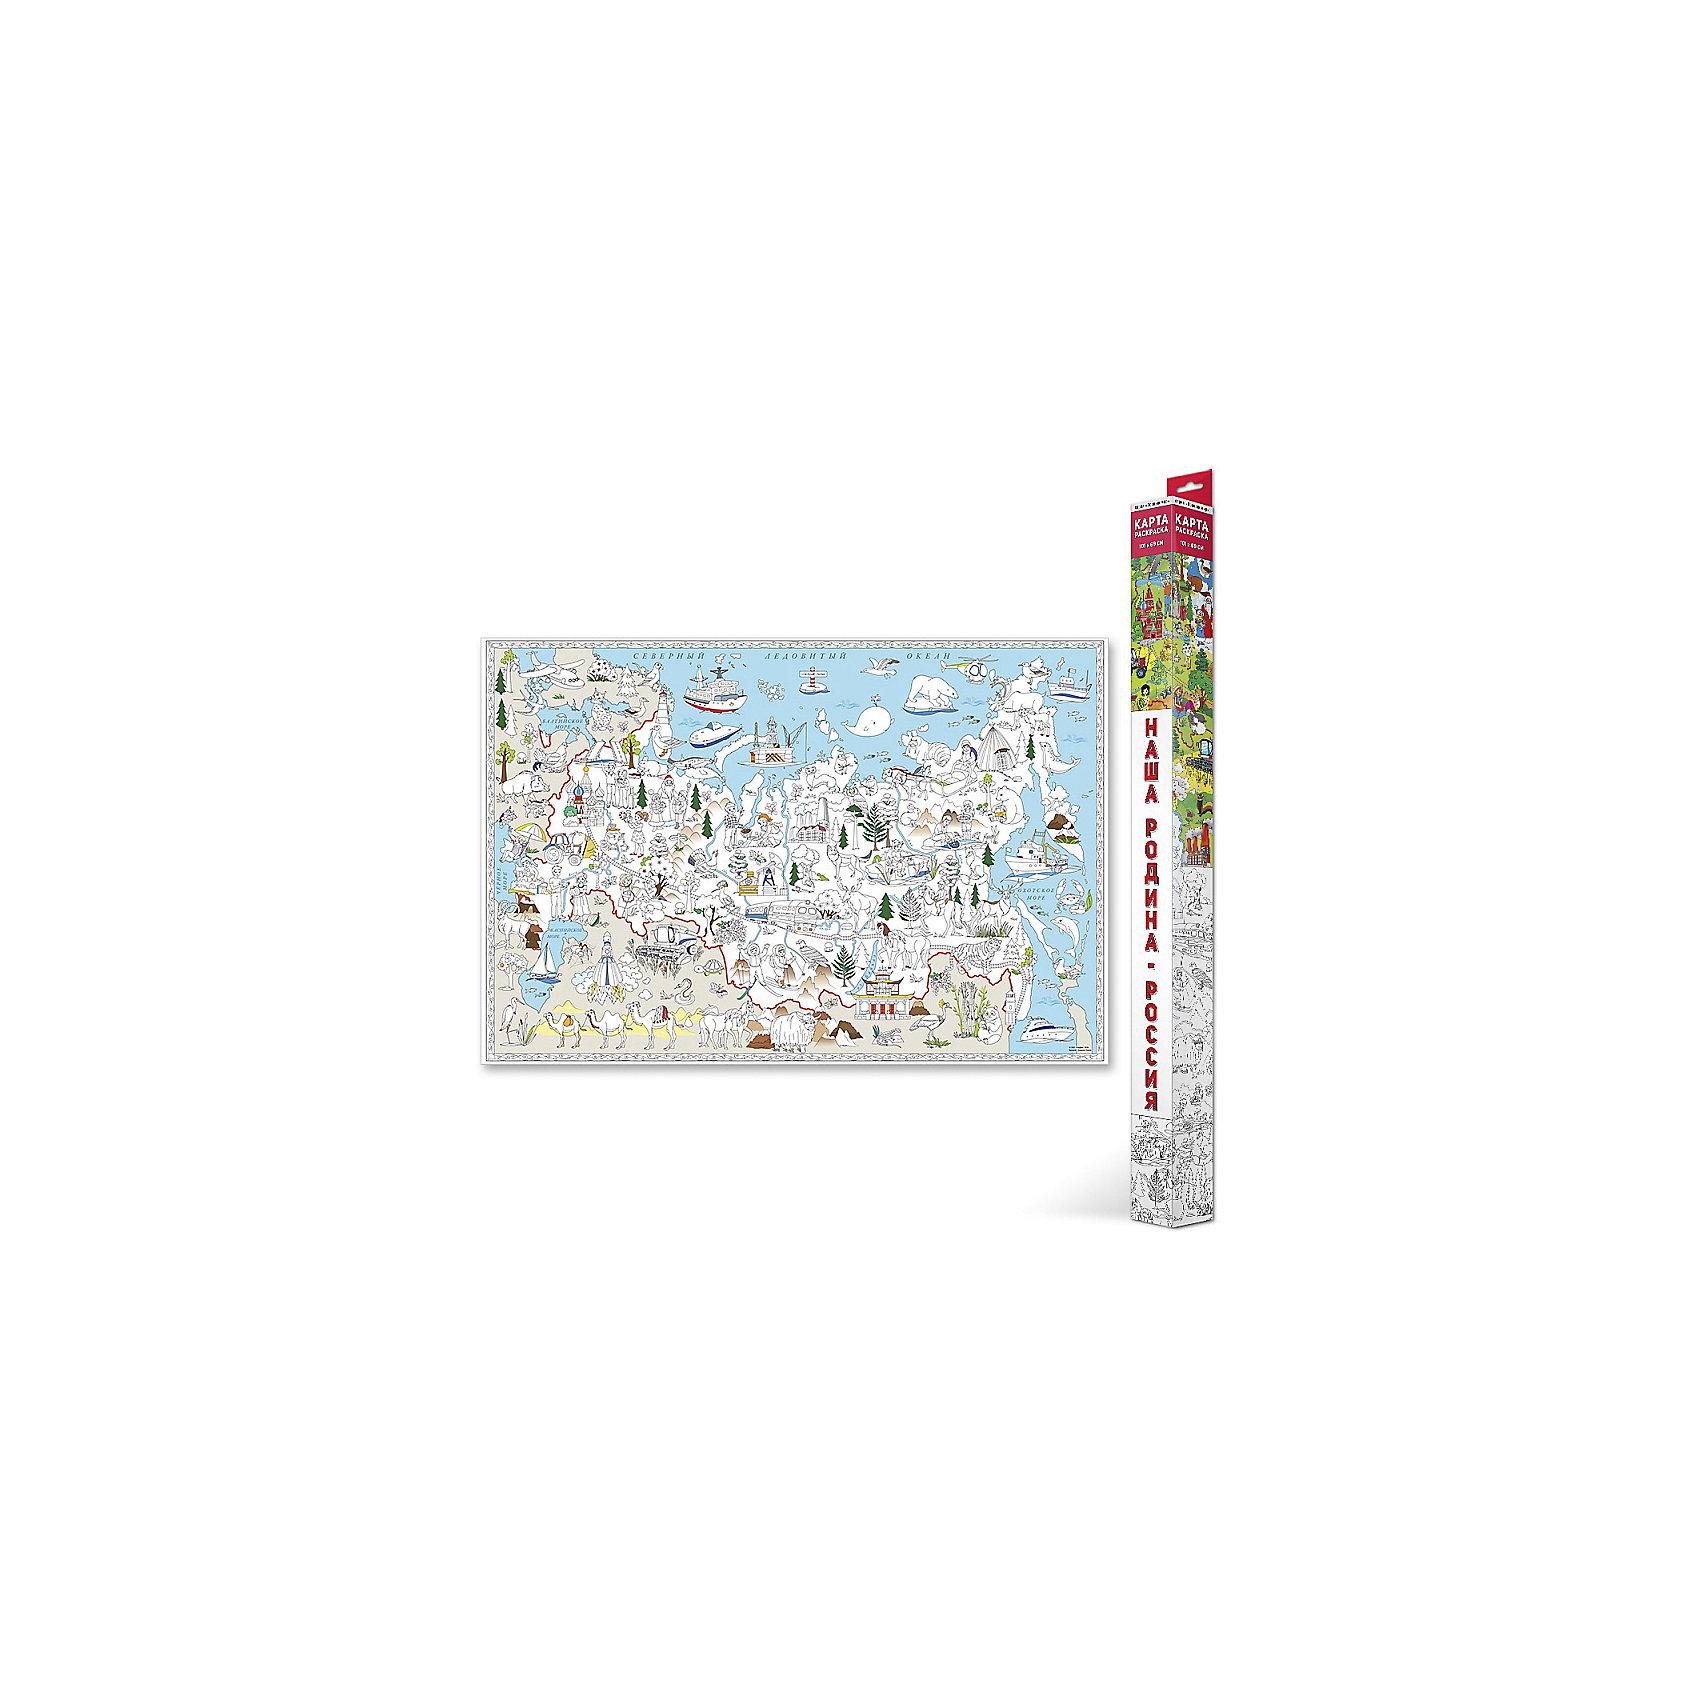 Карта-Раскраска Наша Родина-Россия 101*69 смРаскраски по номерам<br>Карта-Раскраска Наша Родина-Россия 101*69 см<br><br>Характеристики:<br><br>• В набор входит: раскраска в коробке<br>• Размер раскраски: 101 * 69 см.<br>• Состав: бумага, картон<br>• Вес: 110 г.<br>• Для детей в возрасте: от 6 до 12 лет<br>• Страна производитель: Россия<br><br>Красивые рисунки на карте России с главными городами, достопримечательностями и ситуациями, которые происходят с людьми понравятся ребёнку, привлекут его интерес и расширят кругозор. Благодаря значительному разнообразию животных, растительности и людей ребёнок может полностью использовать своё воображение и подбирать цвета как ему будет угодно. Особенно интересно будет раскрашивать картинки карандашами или фломастерами с большим количеством оттенков, хотя, как показано на образце, можно и ограничиться стандартным набором из 12ти цветов. Играя с раскрасками дети развивают моторику рук и готовят руку к письму, развивая творческие способности, учась подбирать цветовую гамму. <br><br>Карту-Раскраску Наша Родина-Россия 101*69 см. можно купить в нашем интернет-магазине.<br><br>Ширина мм: 1010<br>Глубина мм: 690<br>Высота мм: 1<br>Вес г: 110<br>Возраст от месяцев: 36<br>Возраст до месяцев: 108<br>Пол: Унисекс<br>Возраст: Детский<br>SKU: 5423006